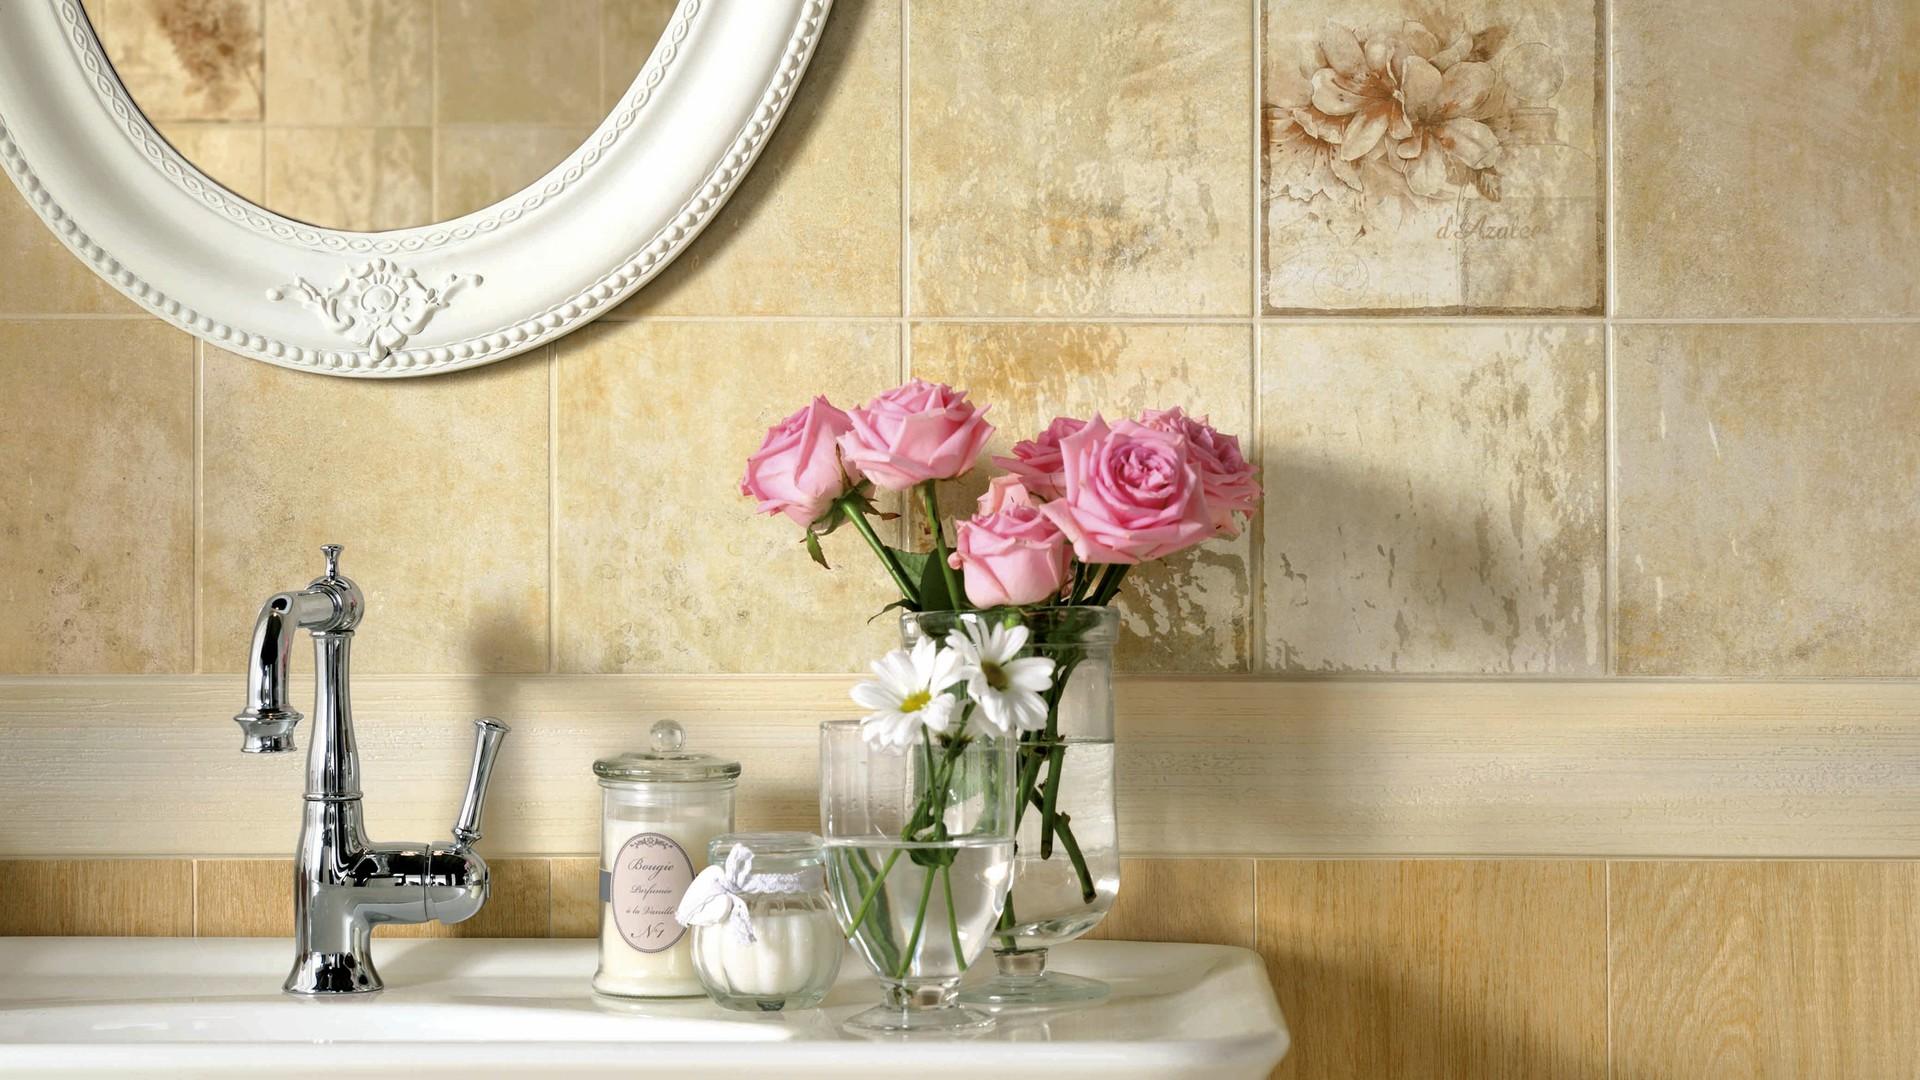 Wallpaper over ceramic tile